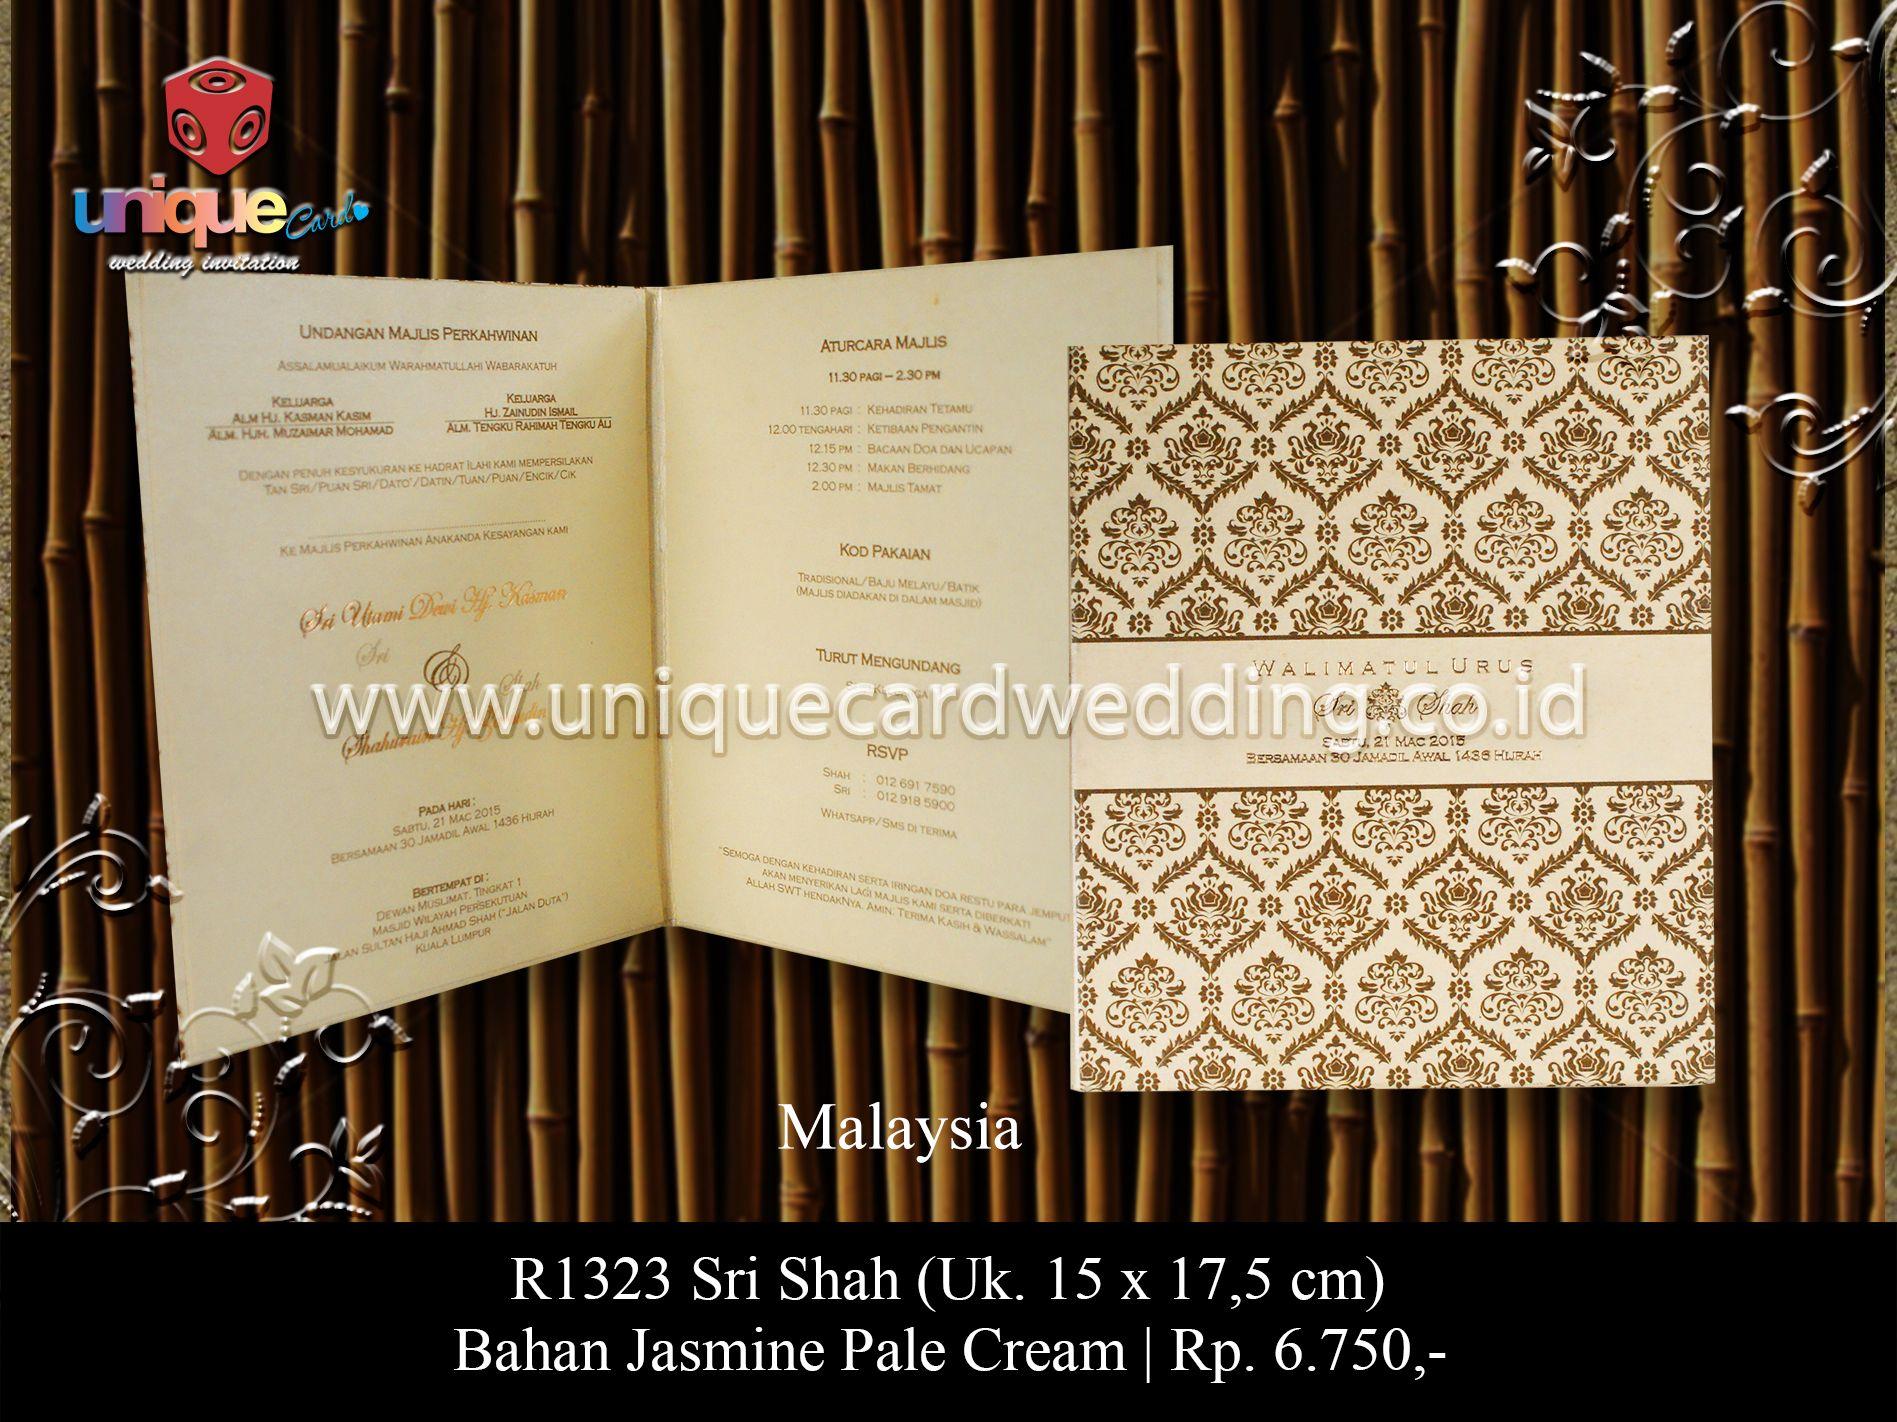 Unique Card Wedding Invitation Bandung West Java Indonesia 6281394929050 Www Uniquecardwedding Co Id Undangan Undangan Pernikahan Kartu Pernikahan Undangan